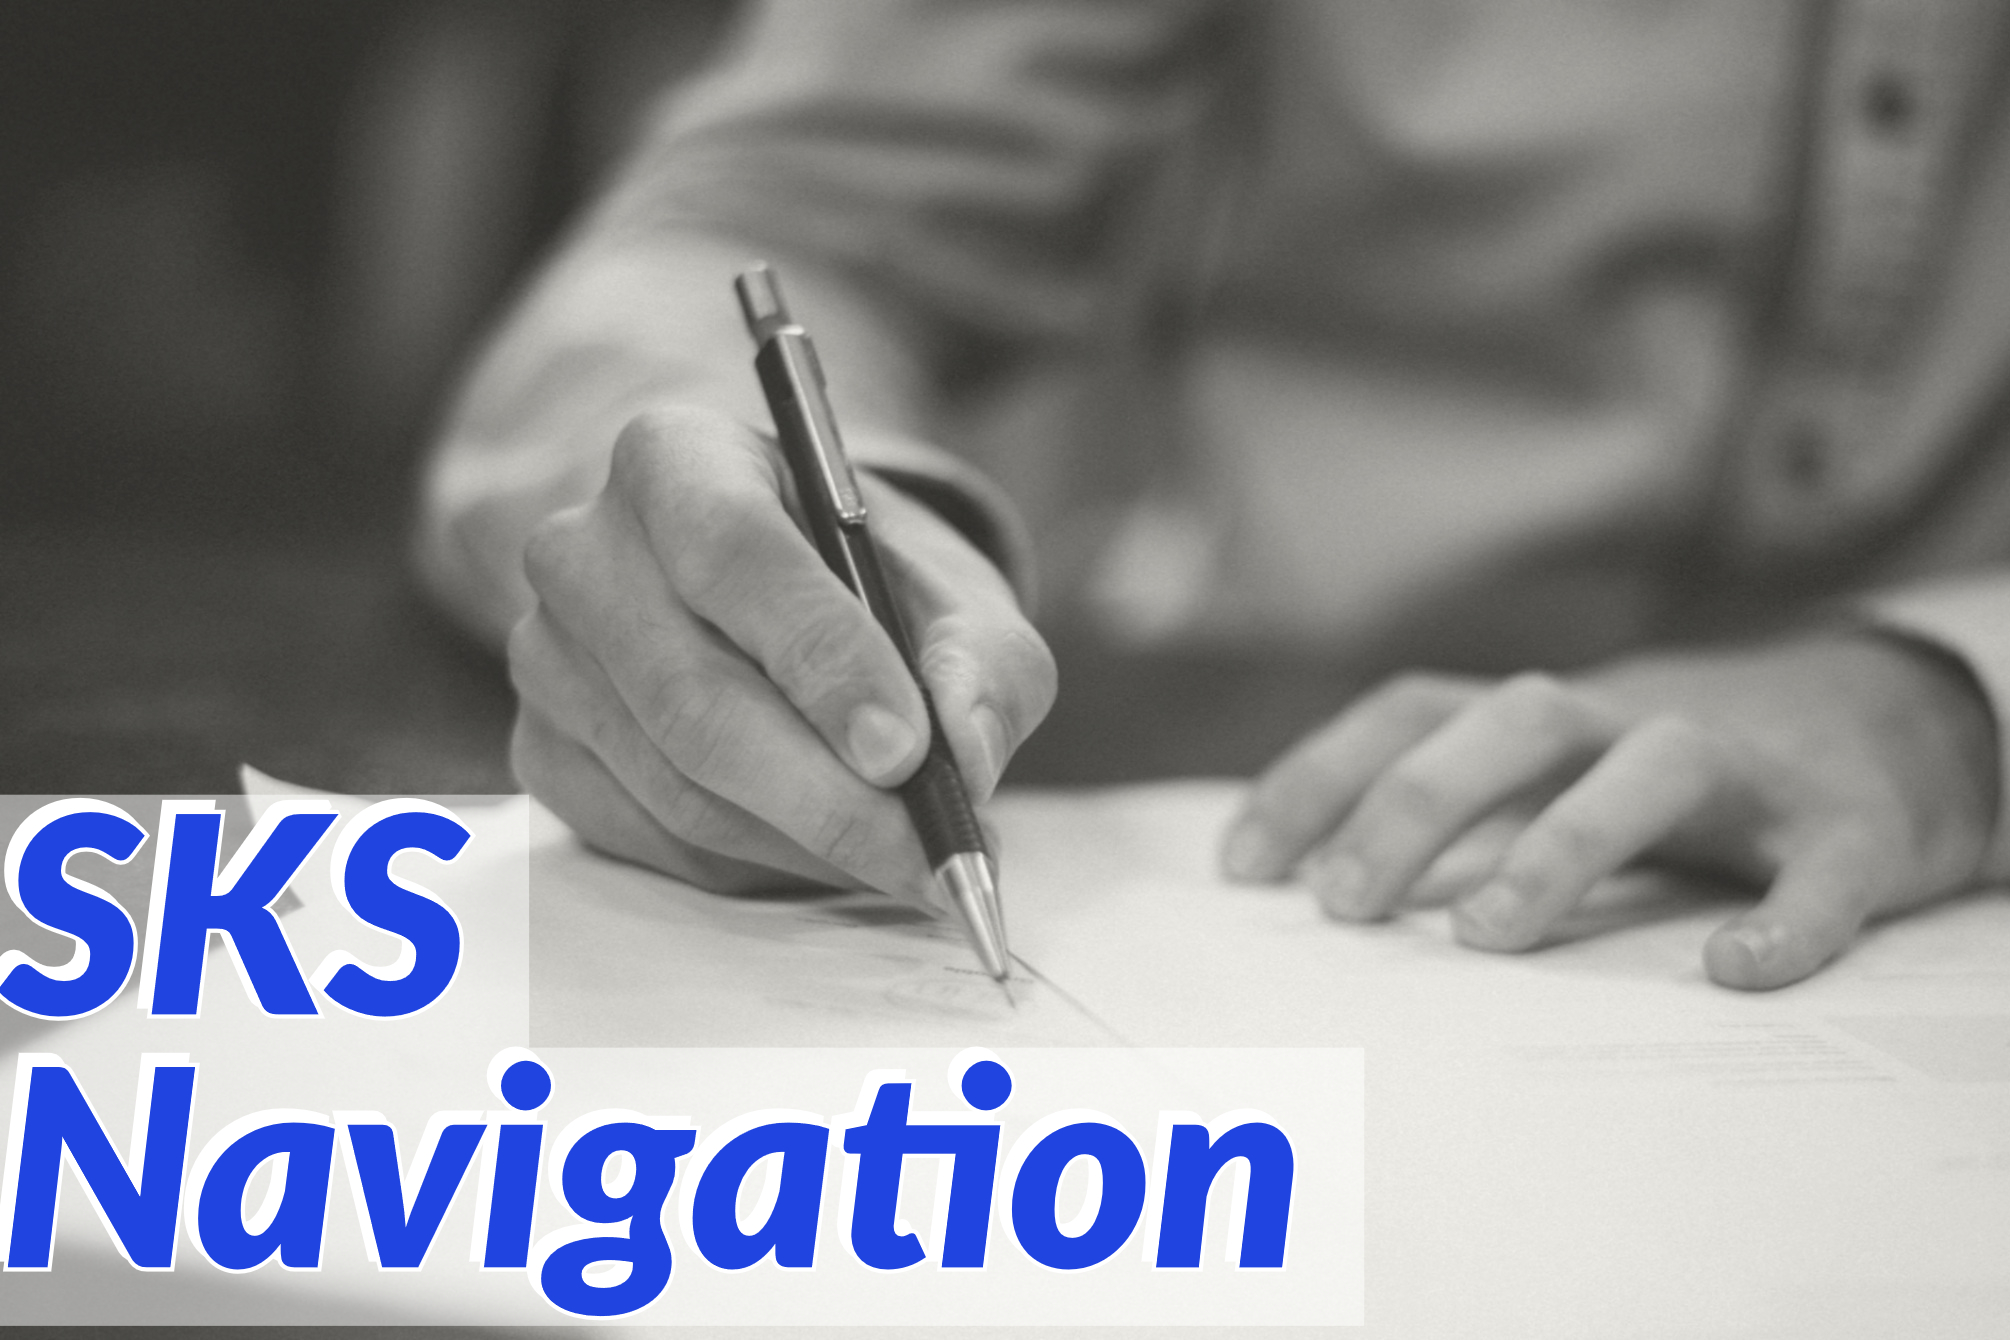 SKS Navigation